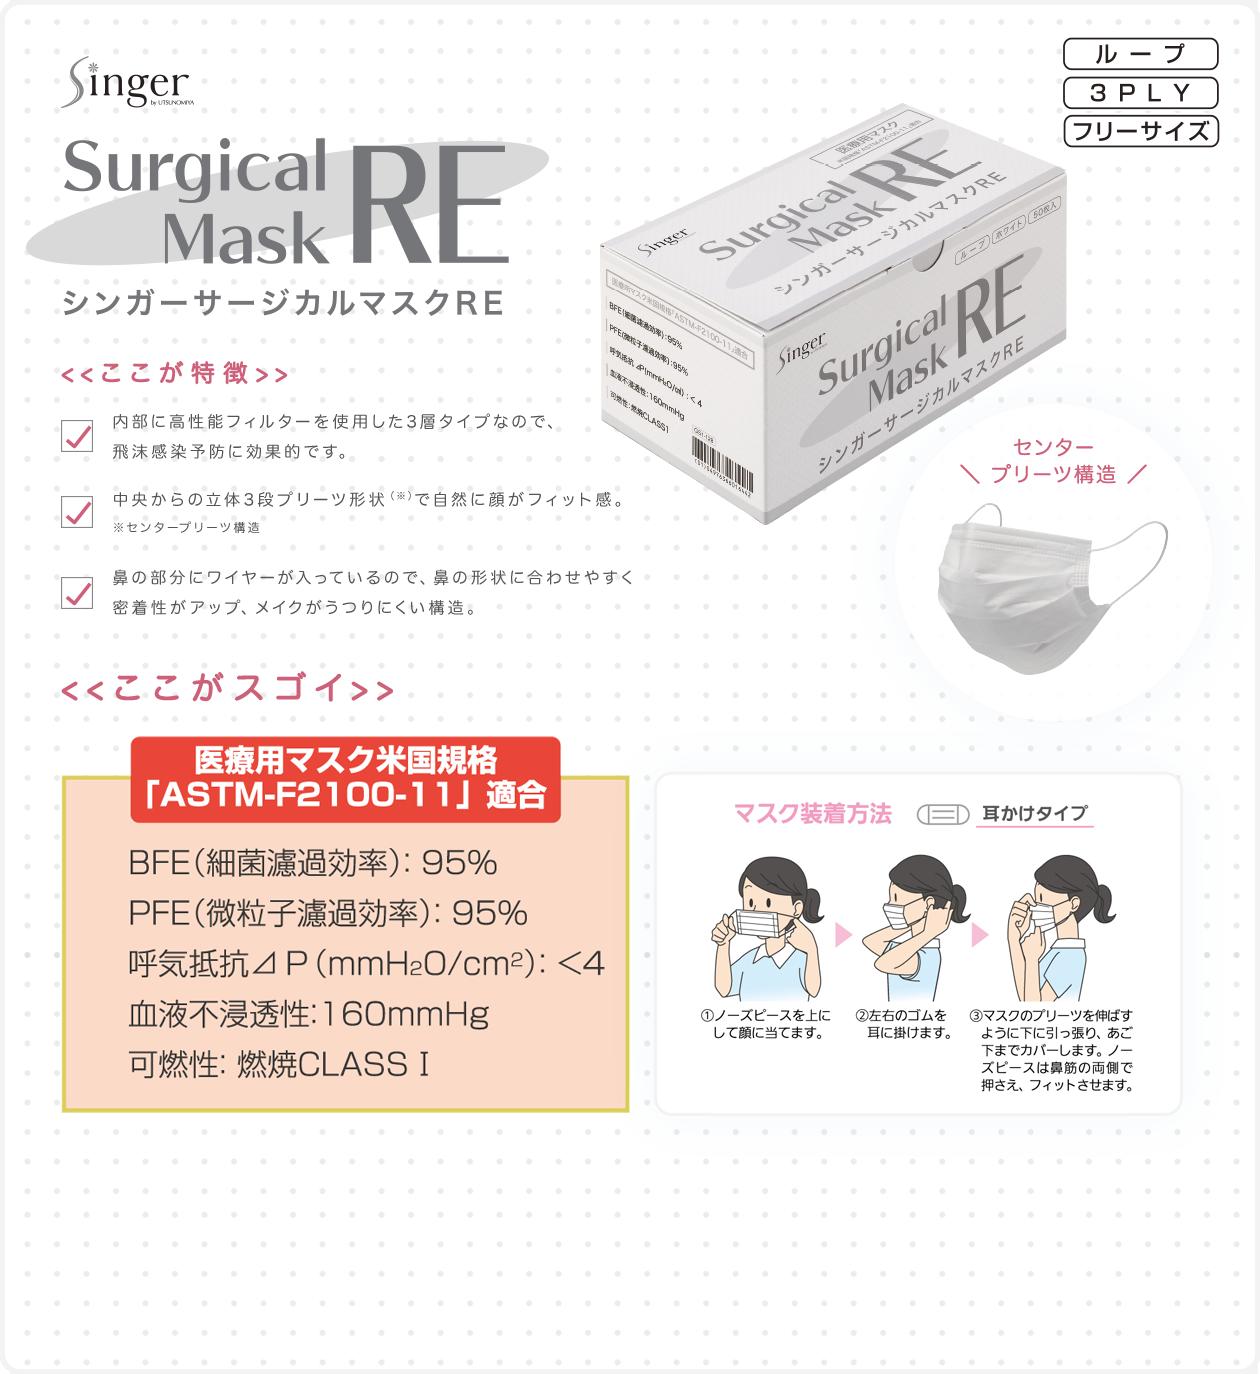 シンガーサージカルマスクRE Surgical Mask RE ここが特徴:内部に高性能フィルターを使用した3層タイプなので、飛沫感染予防に効果的です。 中央からの立体3段プリーツ形状(※)で自然に顔がフィット感。※センタープリーツ構造 鼻の部分にワイヤーが入っているので、鼻の形状に合わせやすく 密着性がアップ、メイクがうつりにくい構造。